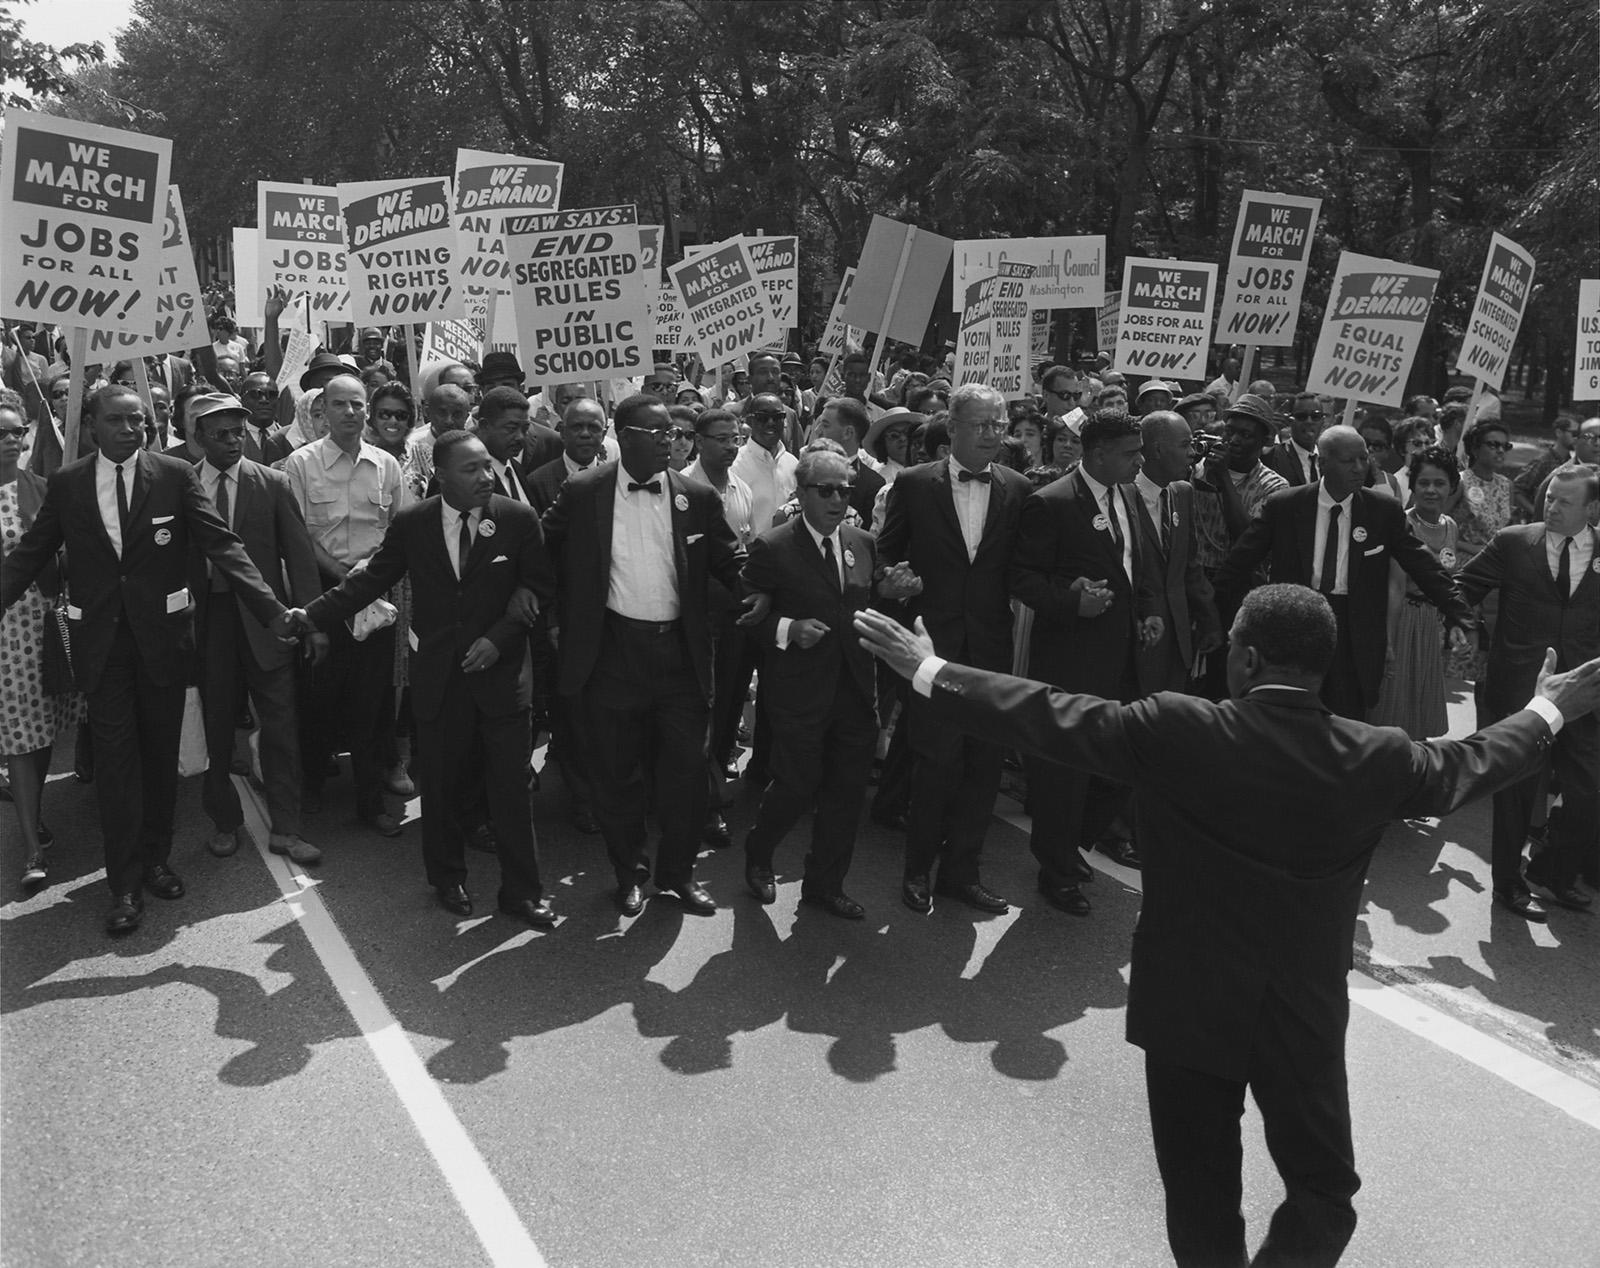 Marcia su Washington per i diritti civili (28 agosto 1963)